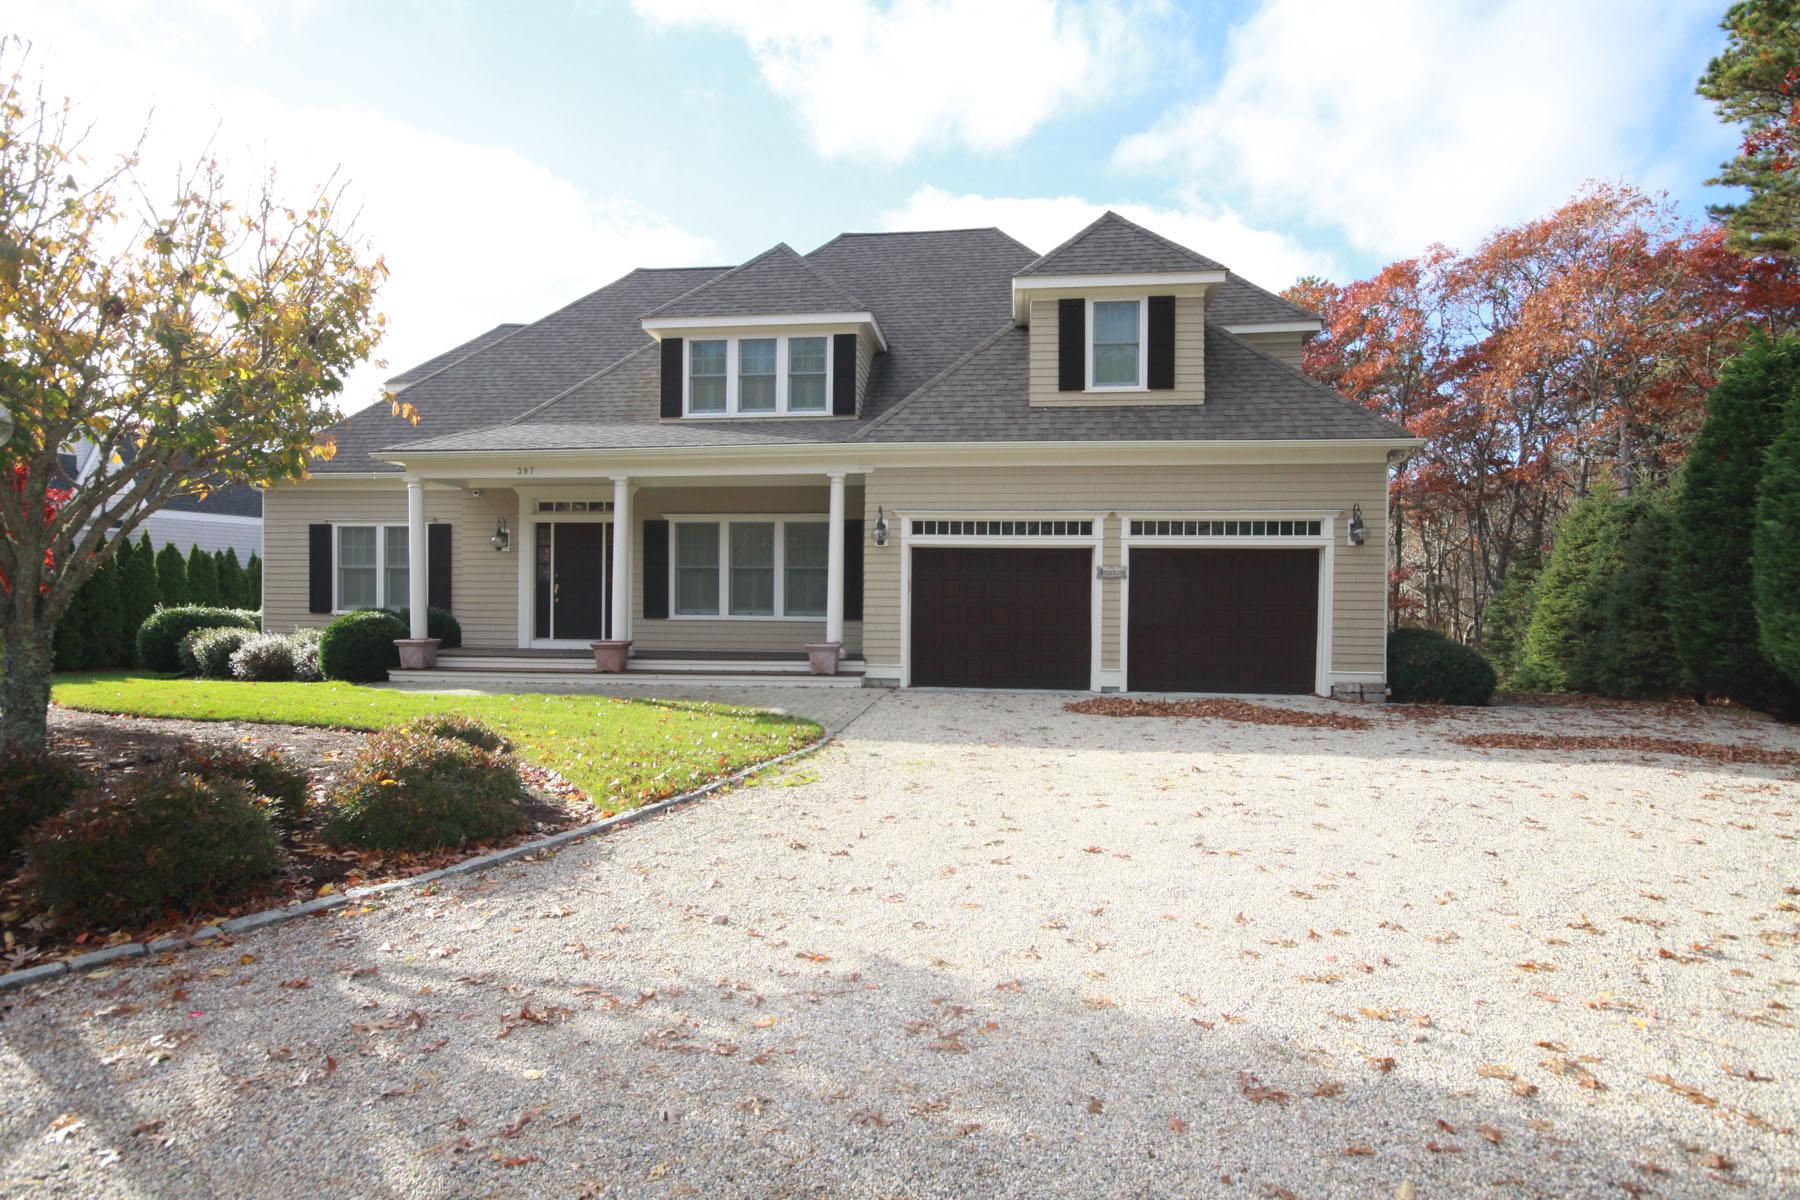 Maison unifamiliale pour l Vente à STUNNING CONTEMPORARY HOME 397 Great Oak Road New Seabury, Massachusetts, 02649 États-UnisDans/Autour: Mashpee